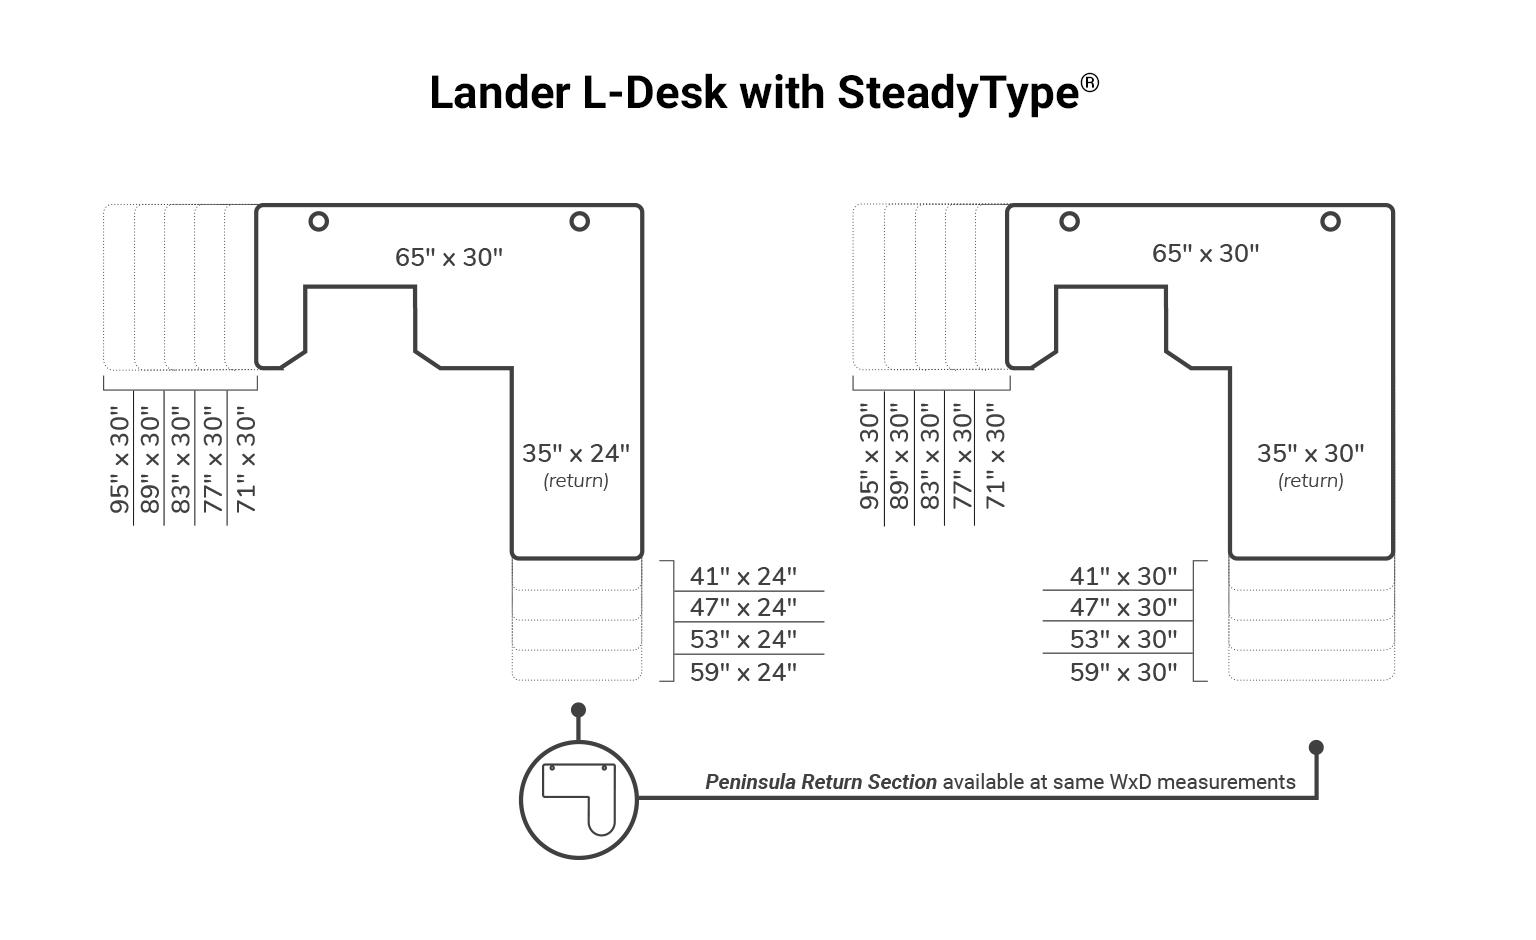 Lander L-Desk with SteadyType Diagram